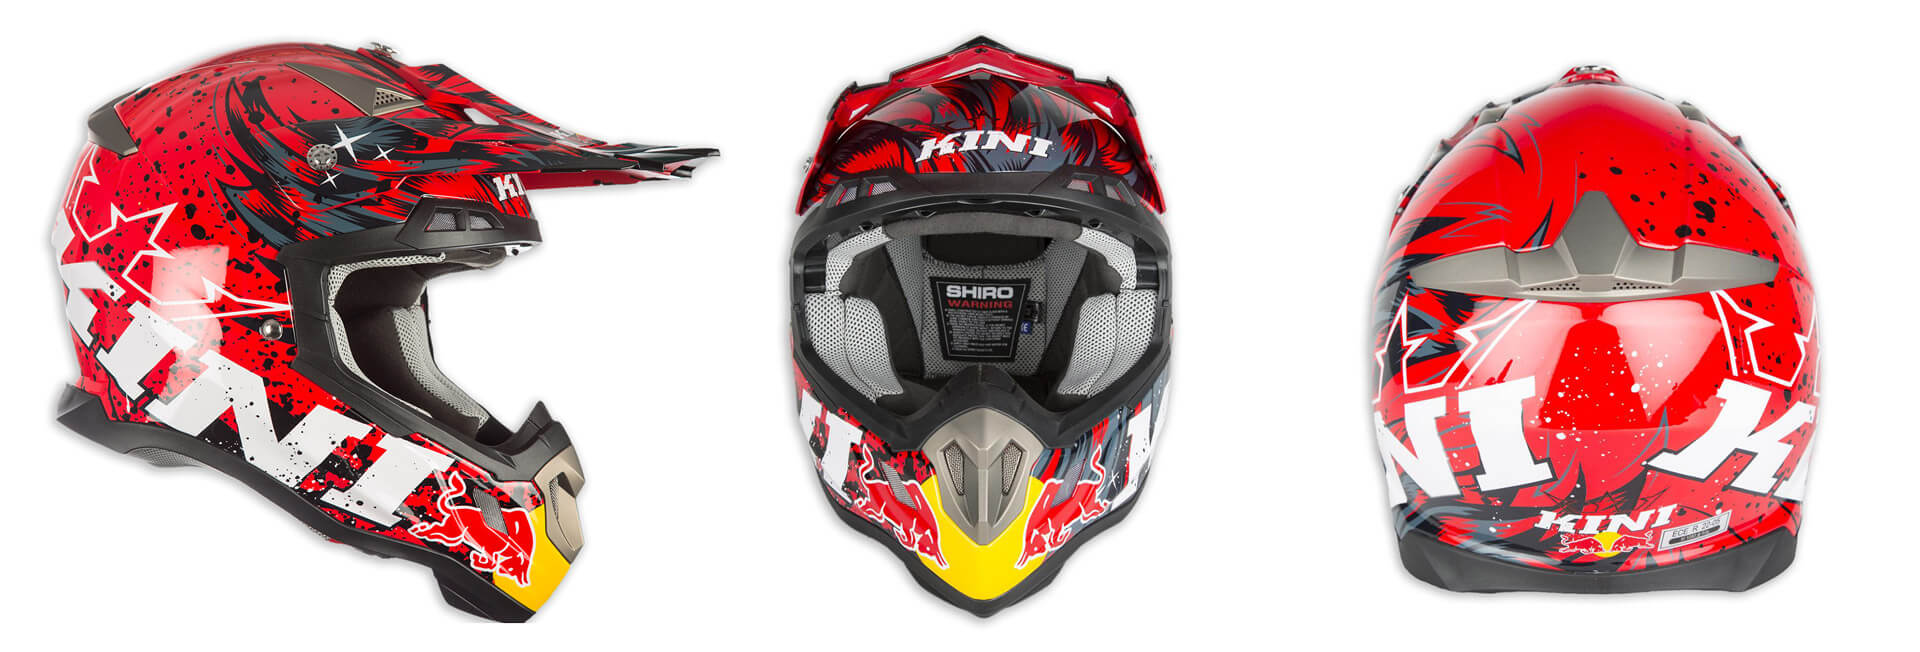 kini-red-bull-motocross-revolution-helm-ansichten